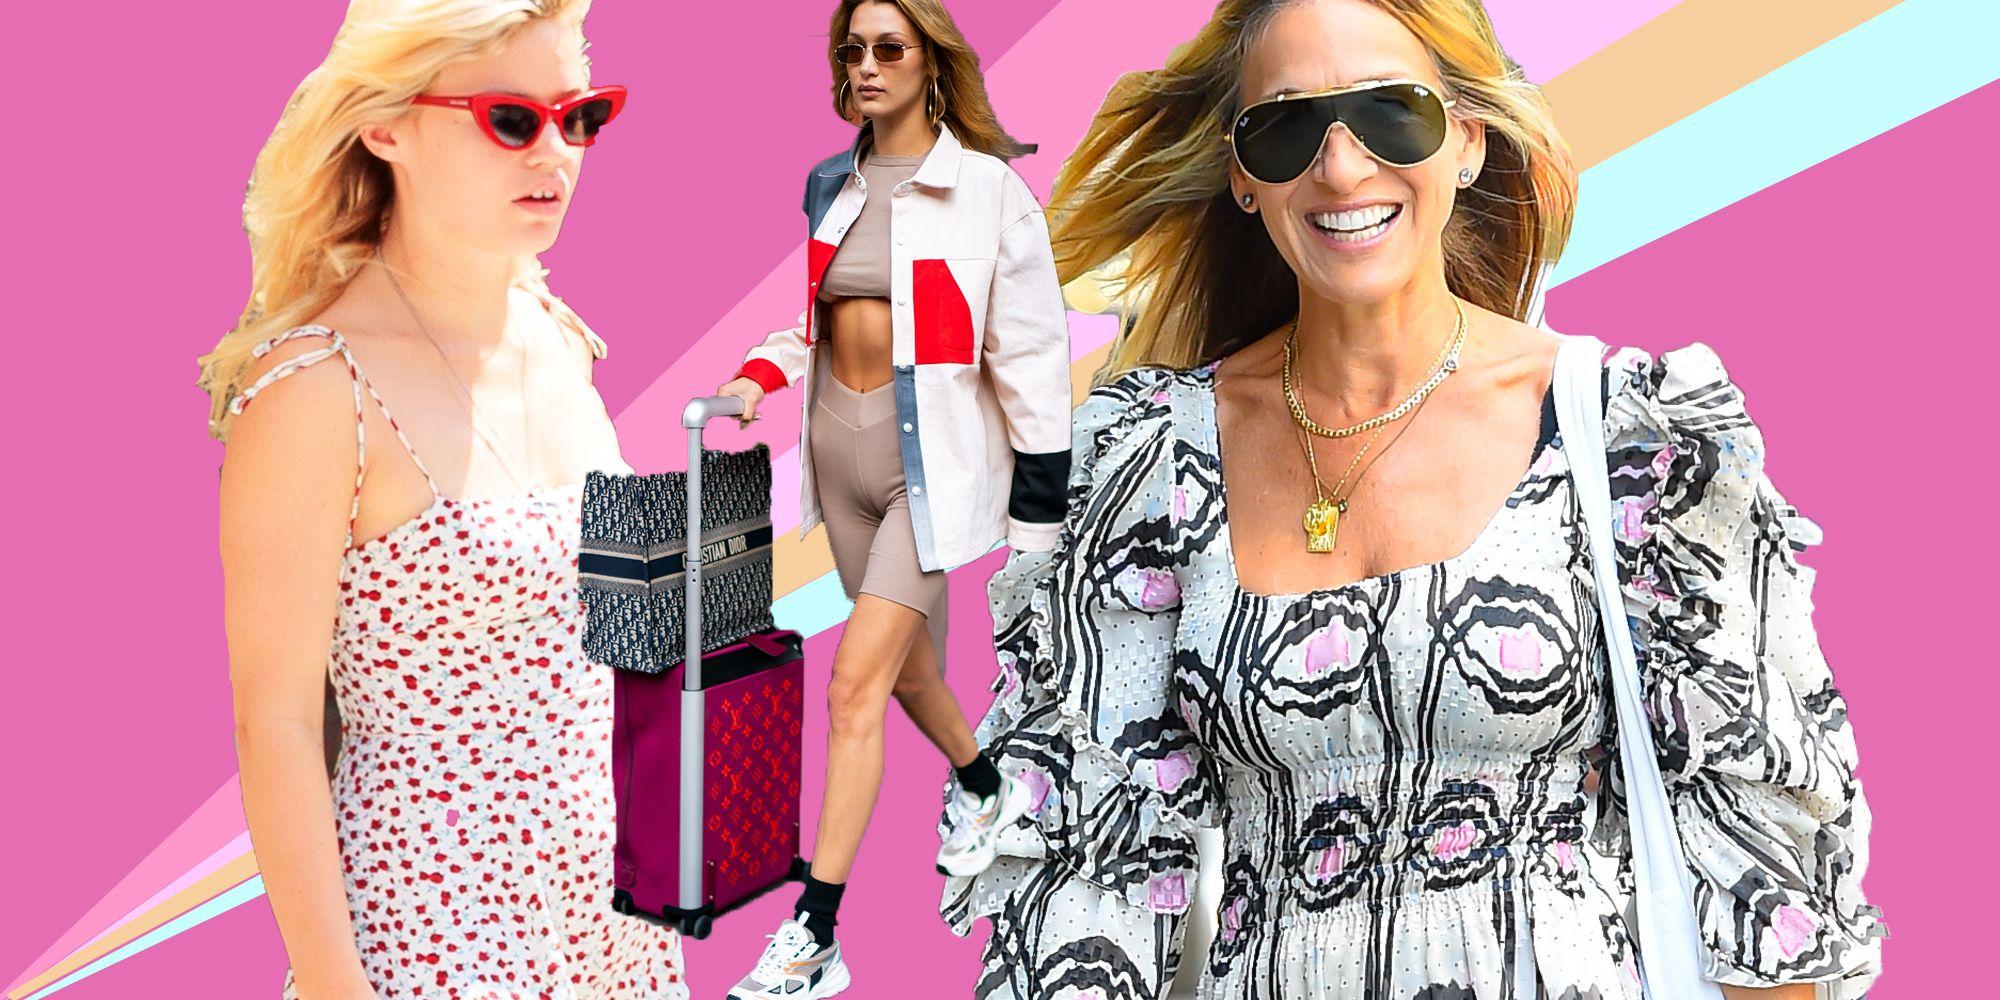 La moda Estate 2019 secondo le celebrità: eleganti e casual